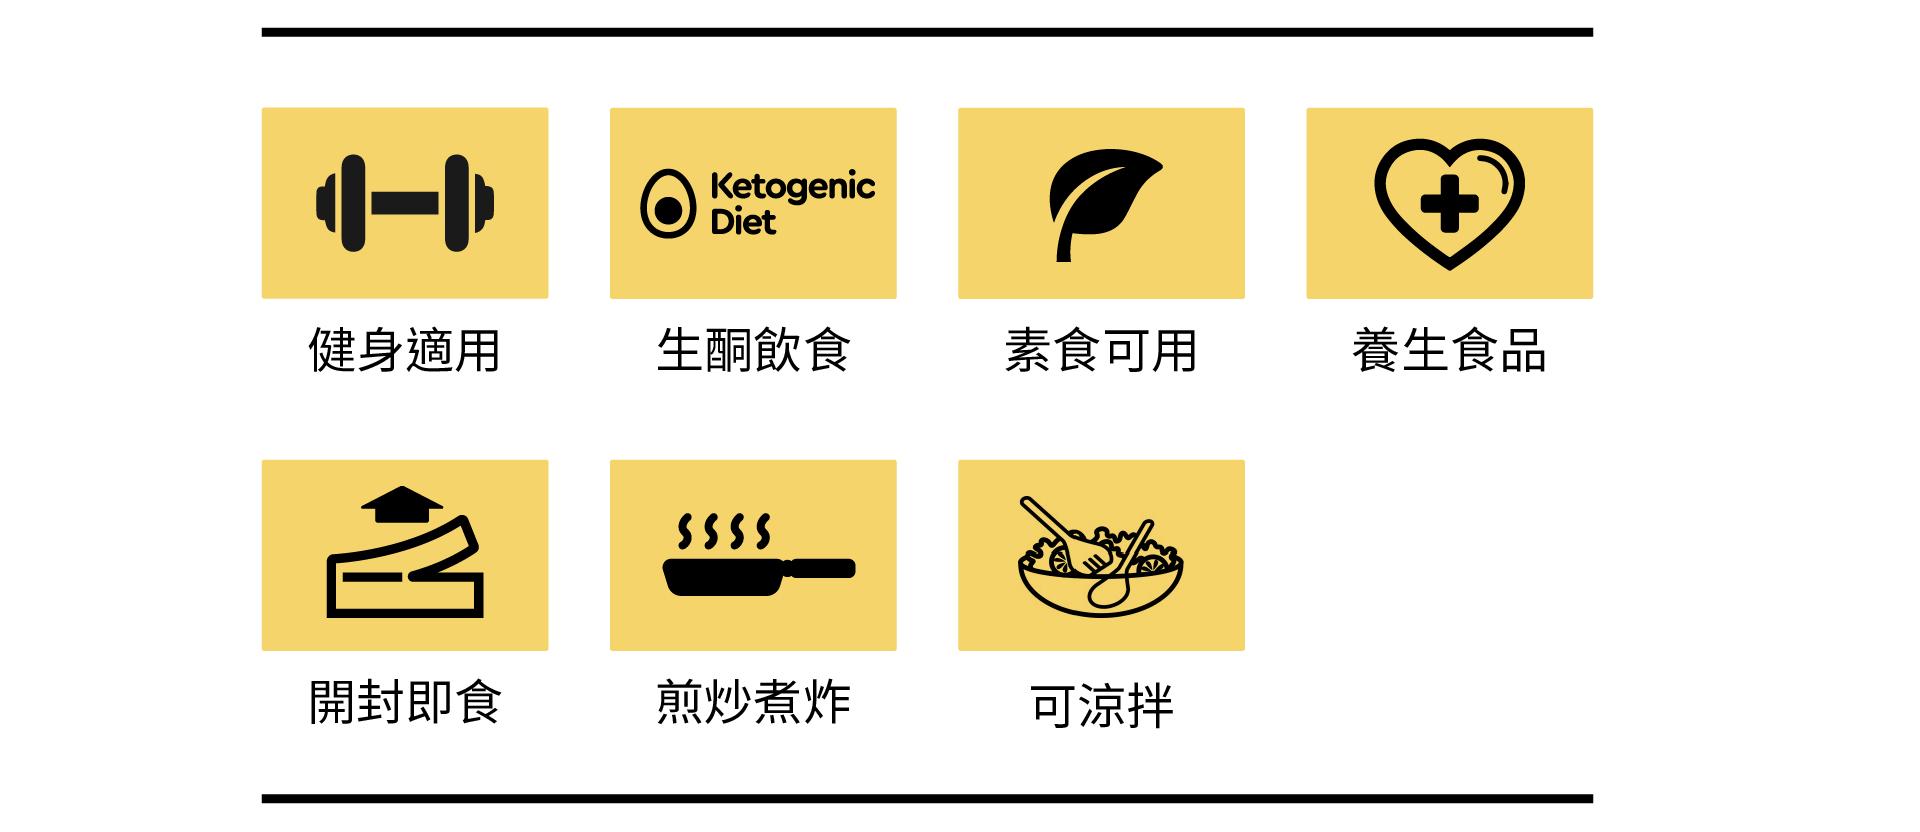 健身適用、生酮飲食、素食可用、養生食品、開封即食、煎炒煮炸、可涼拌